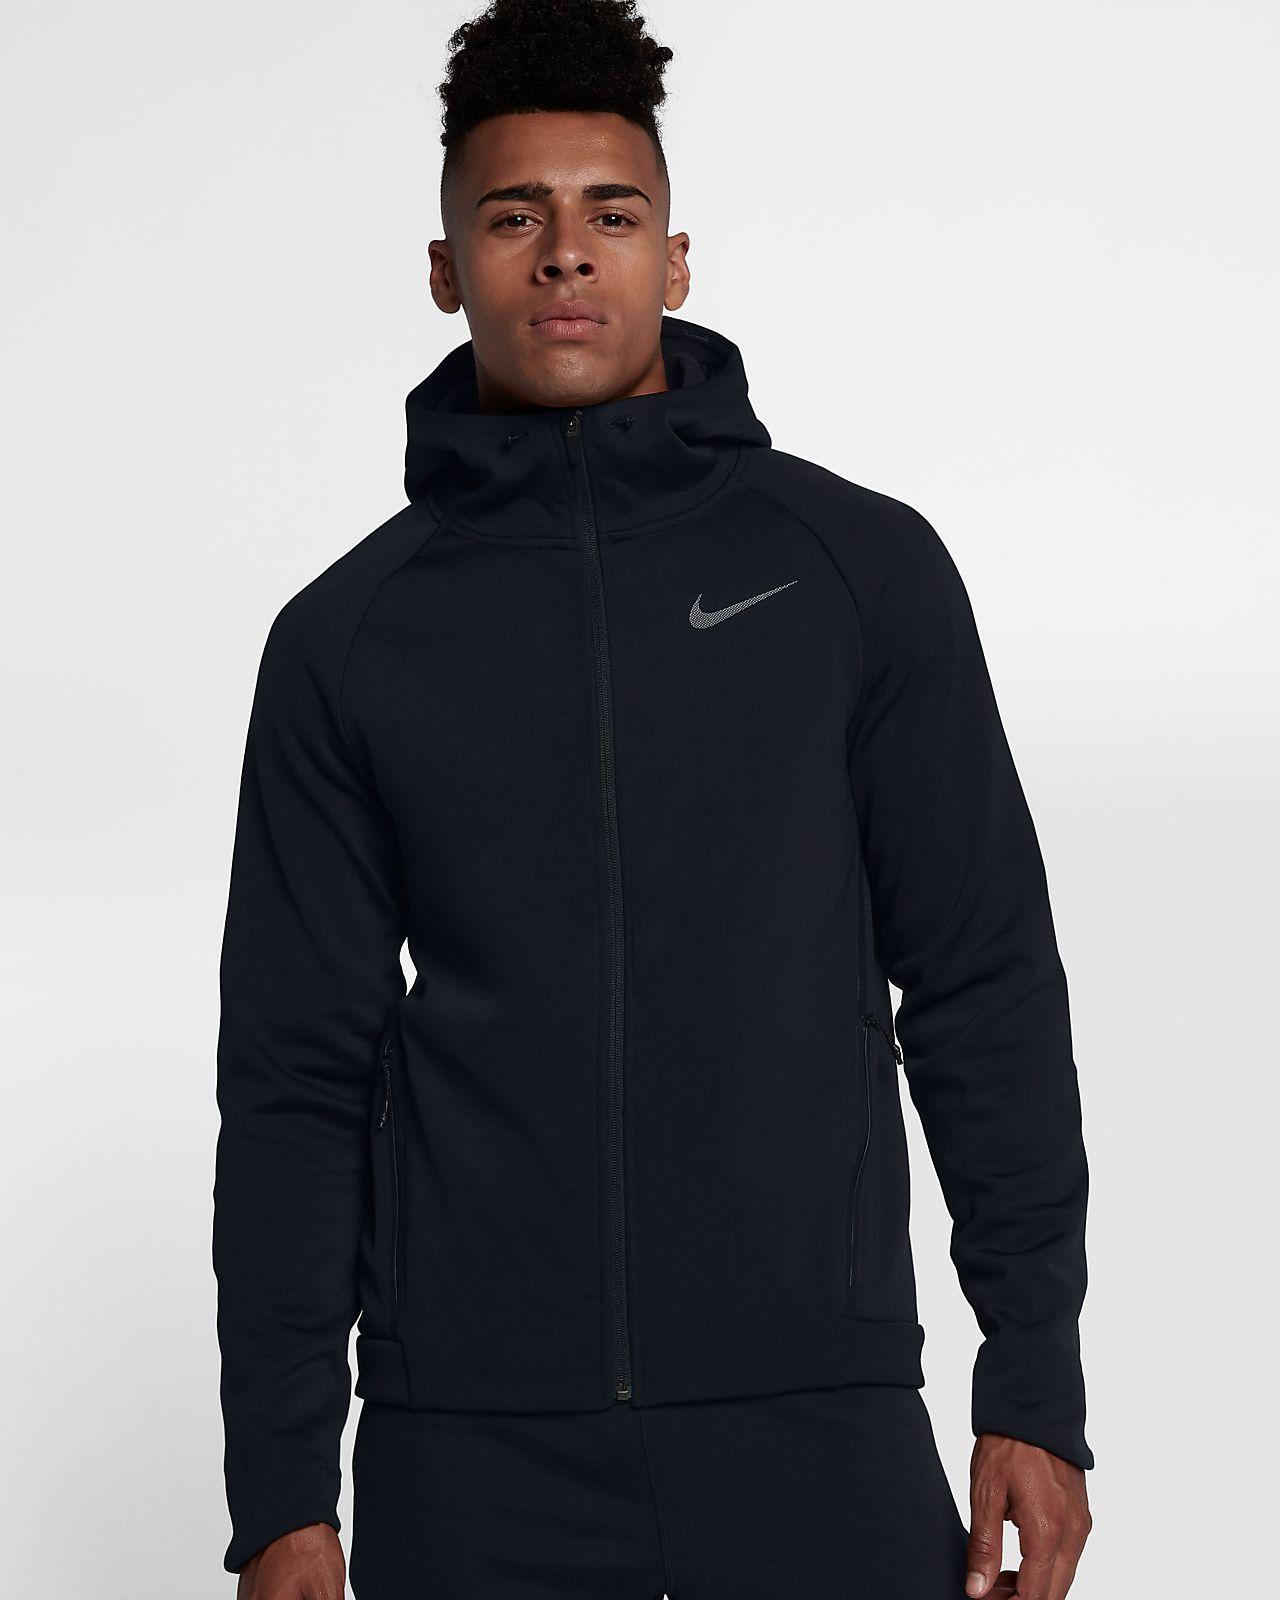 Mens Nike Therma Black Training Hoodie